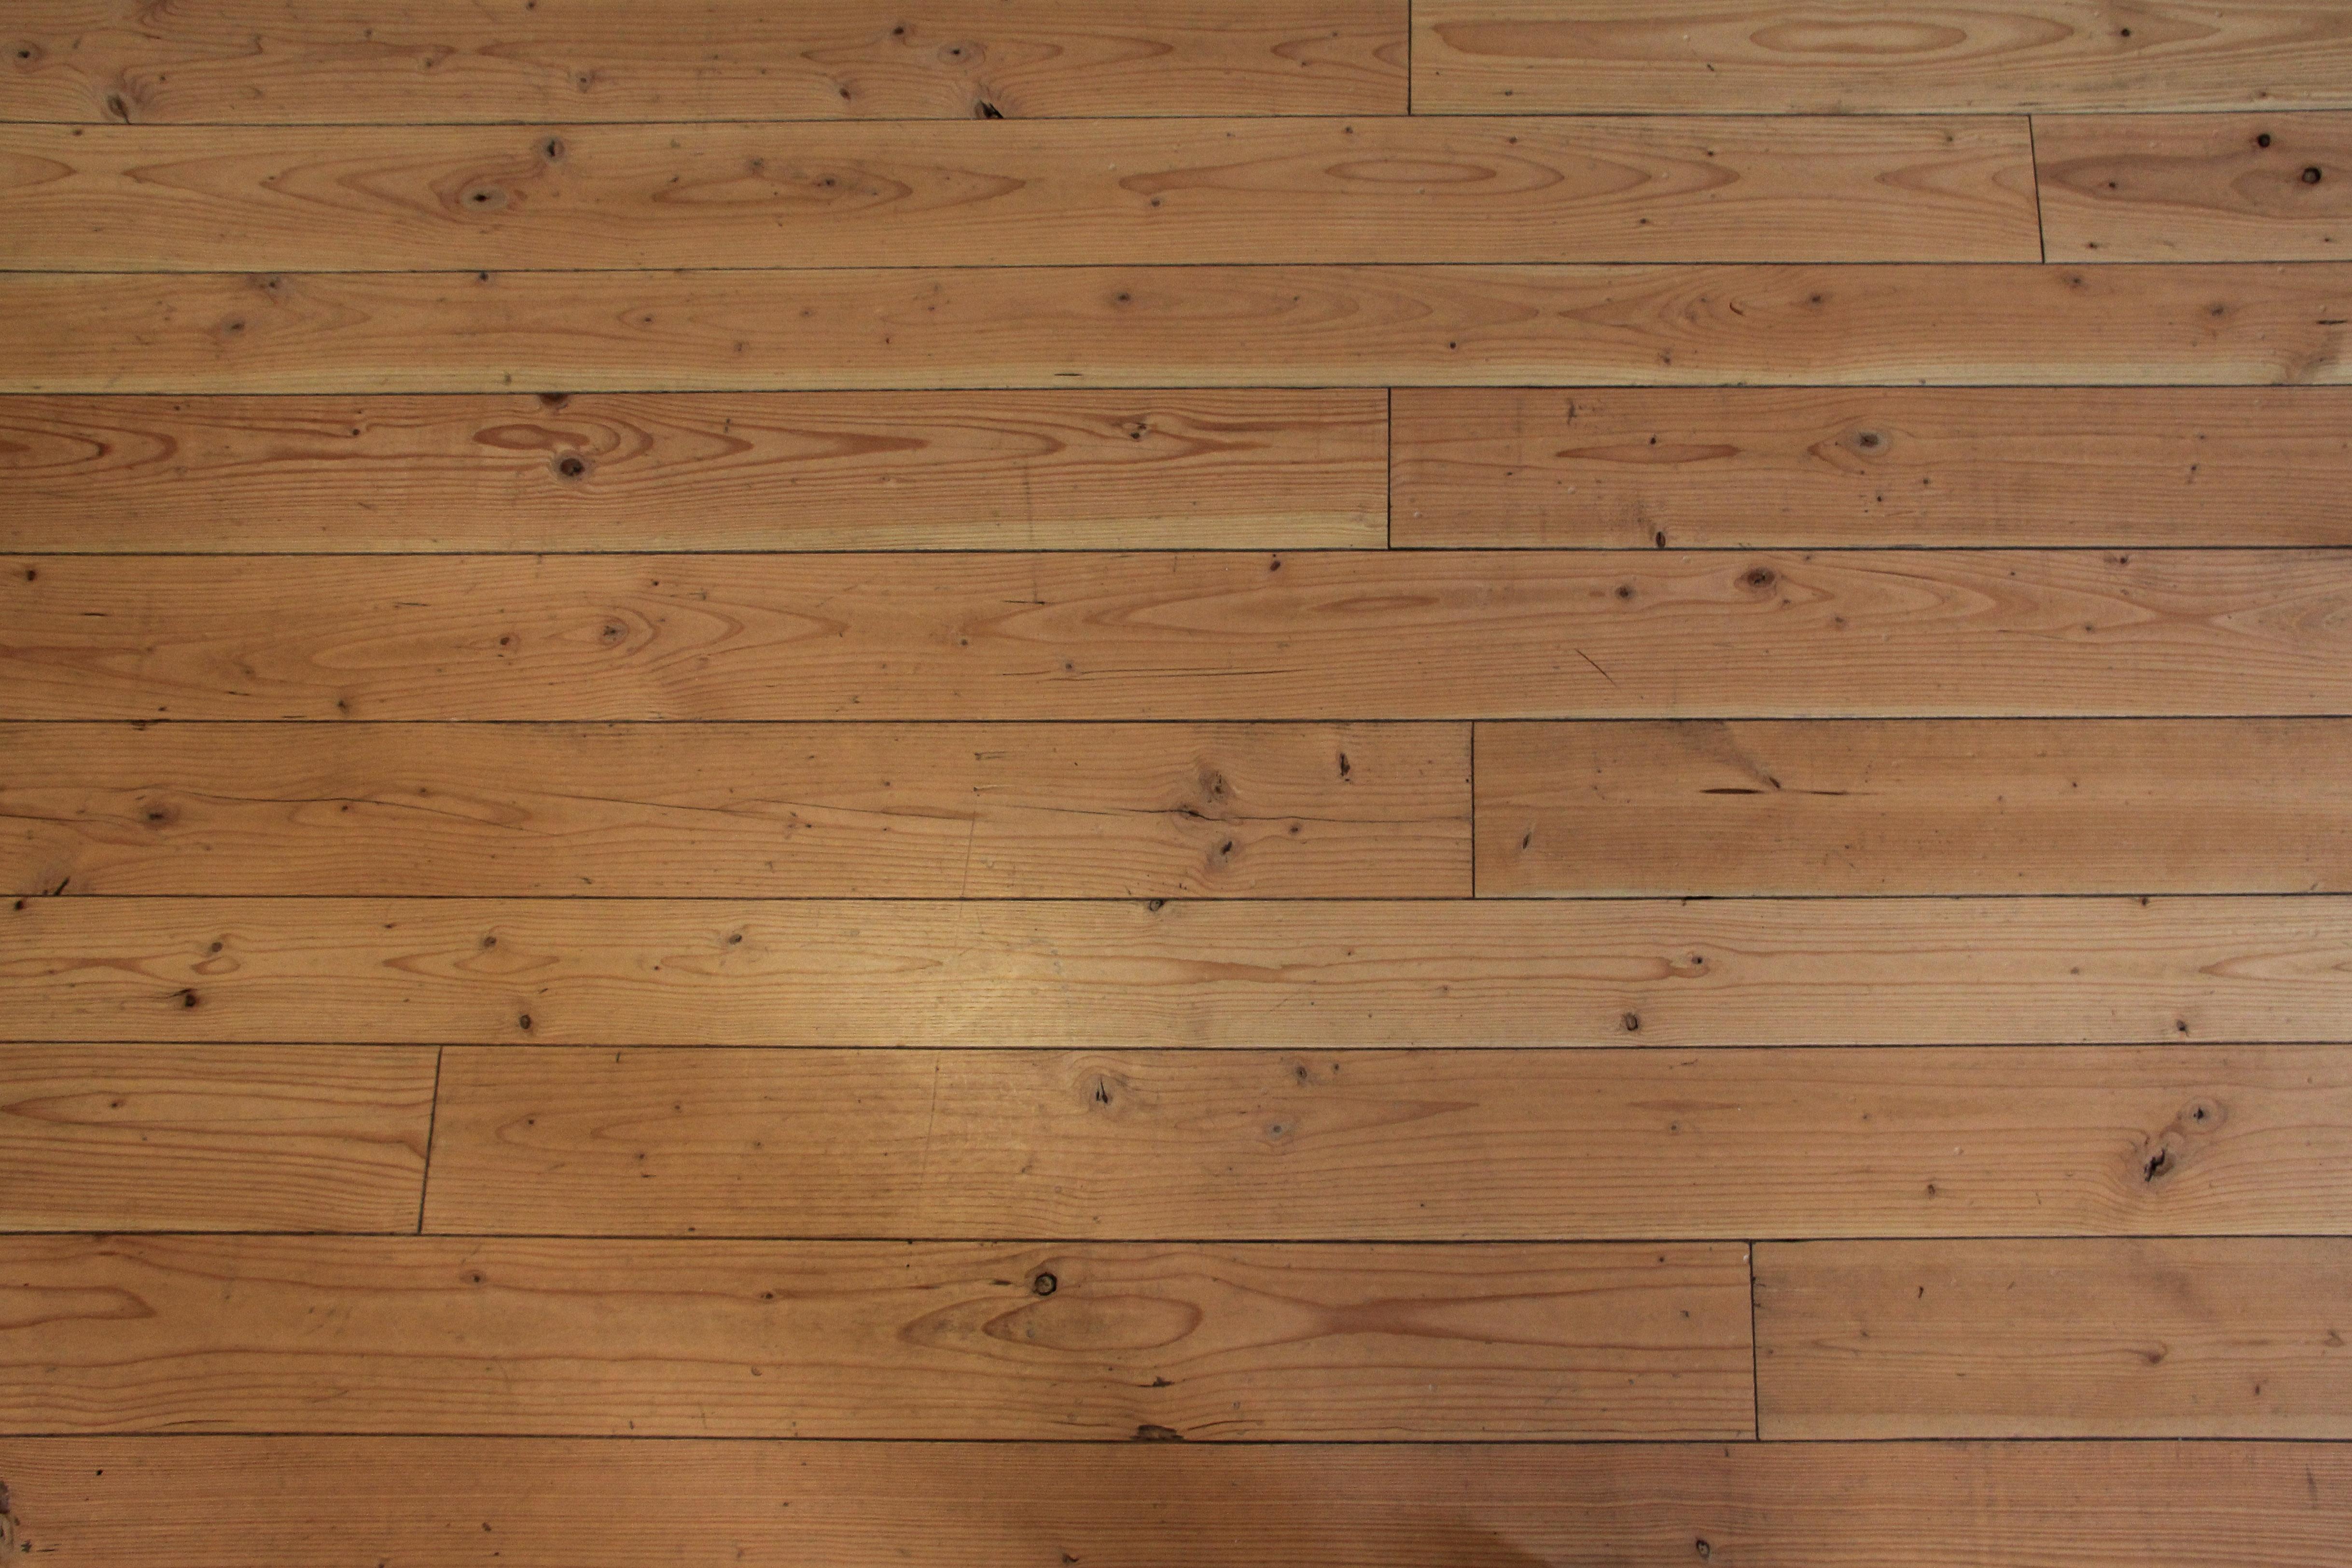 Wood Texture Plank Celeing Wall Oak Birch Maple Natural Grain Wallpaper